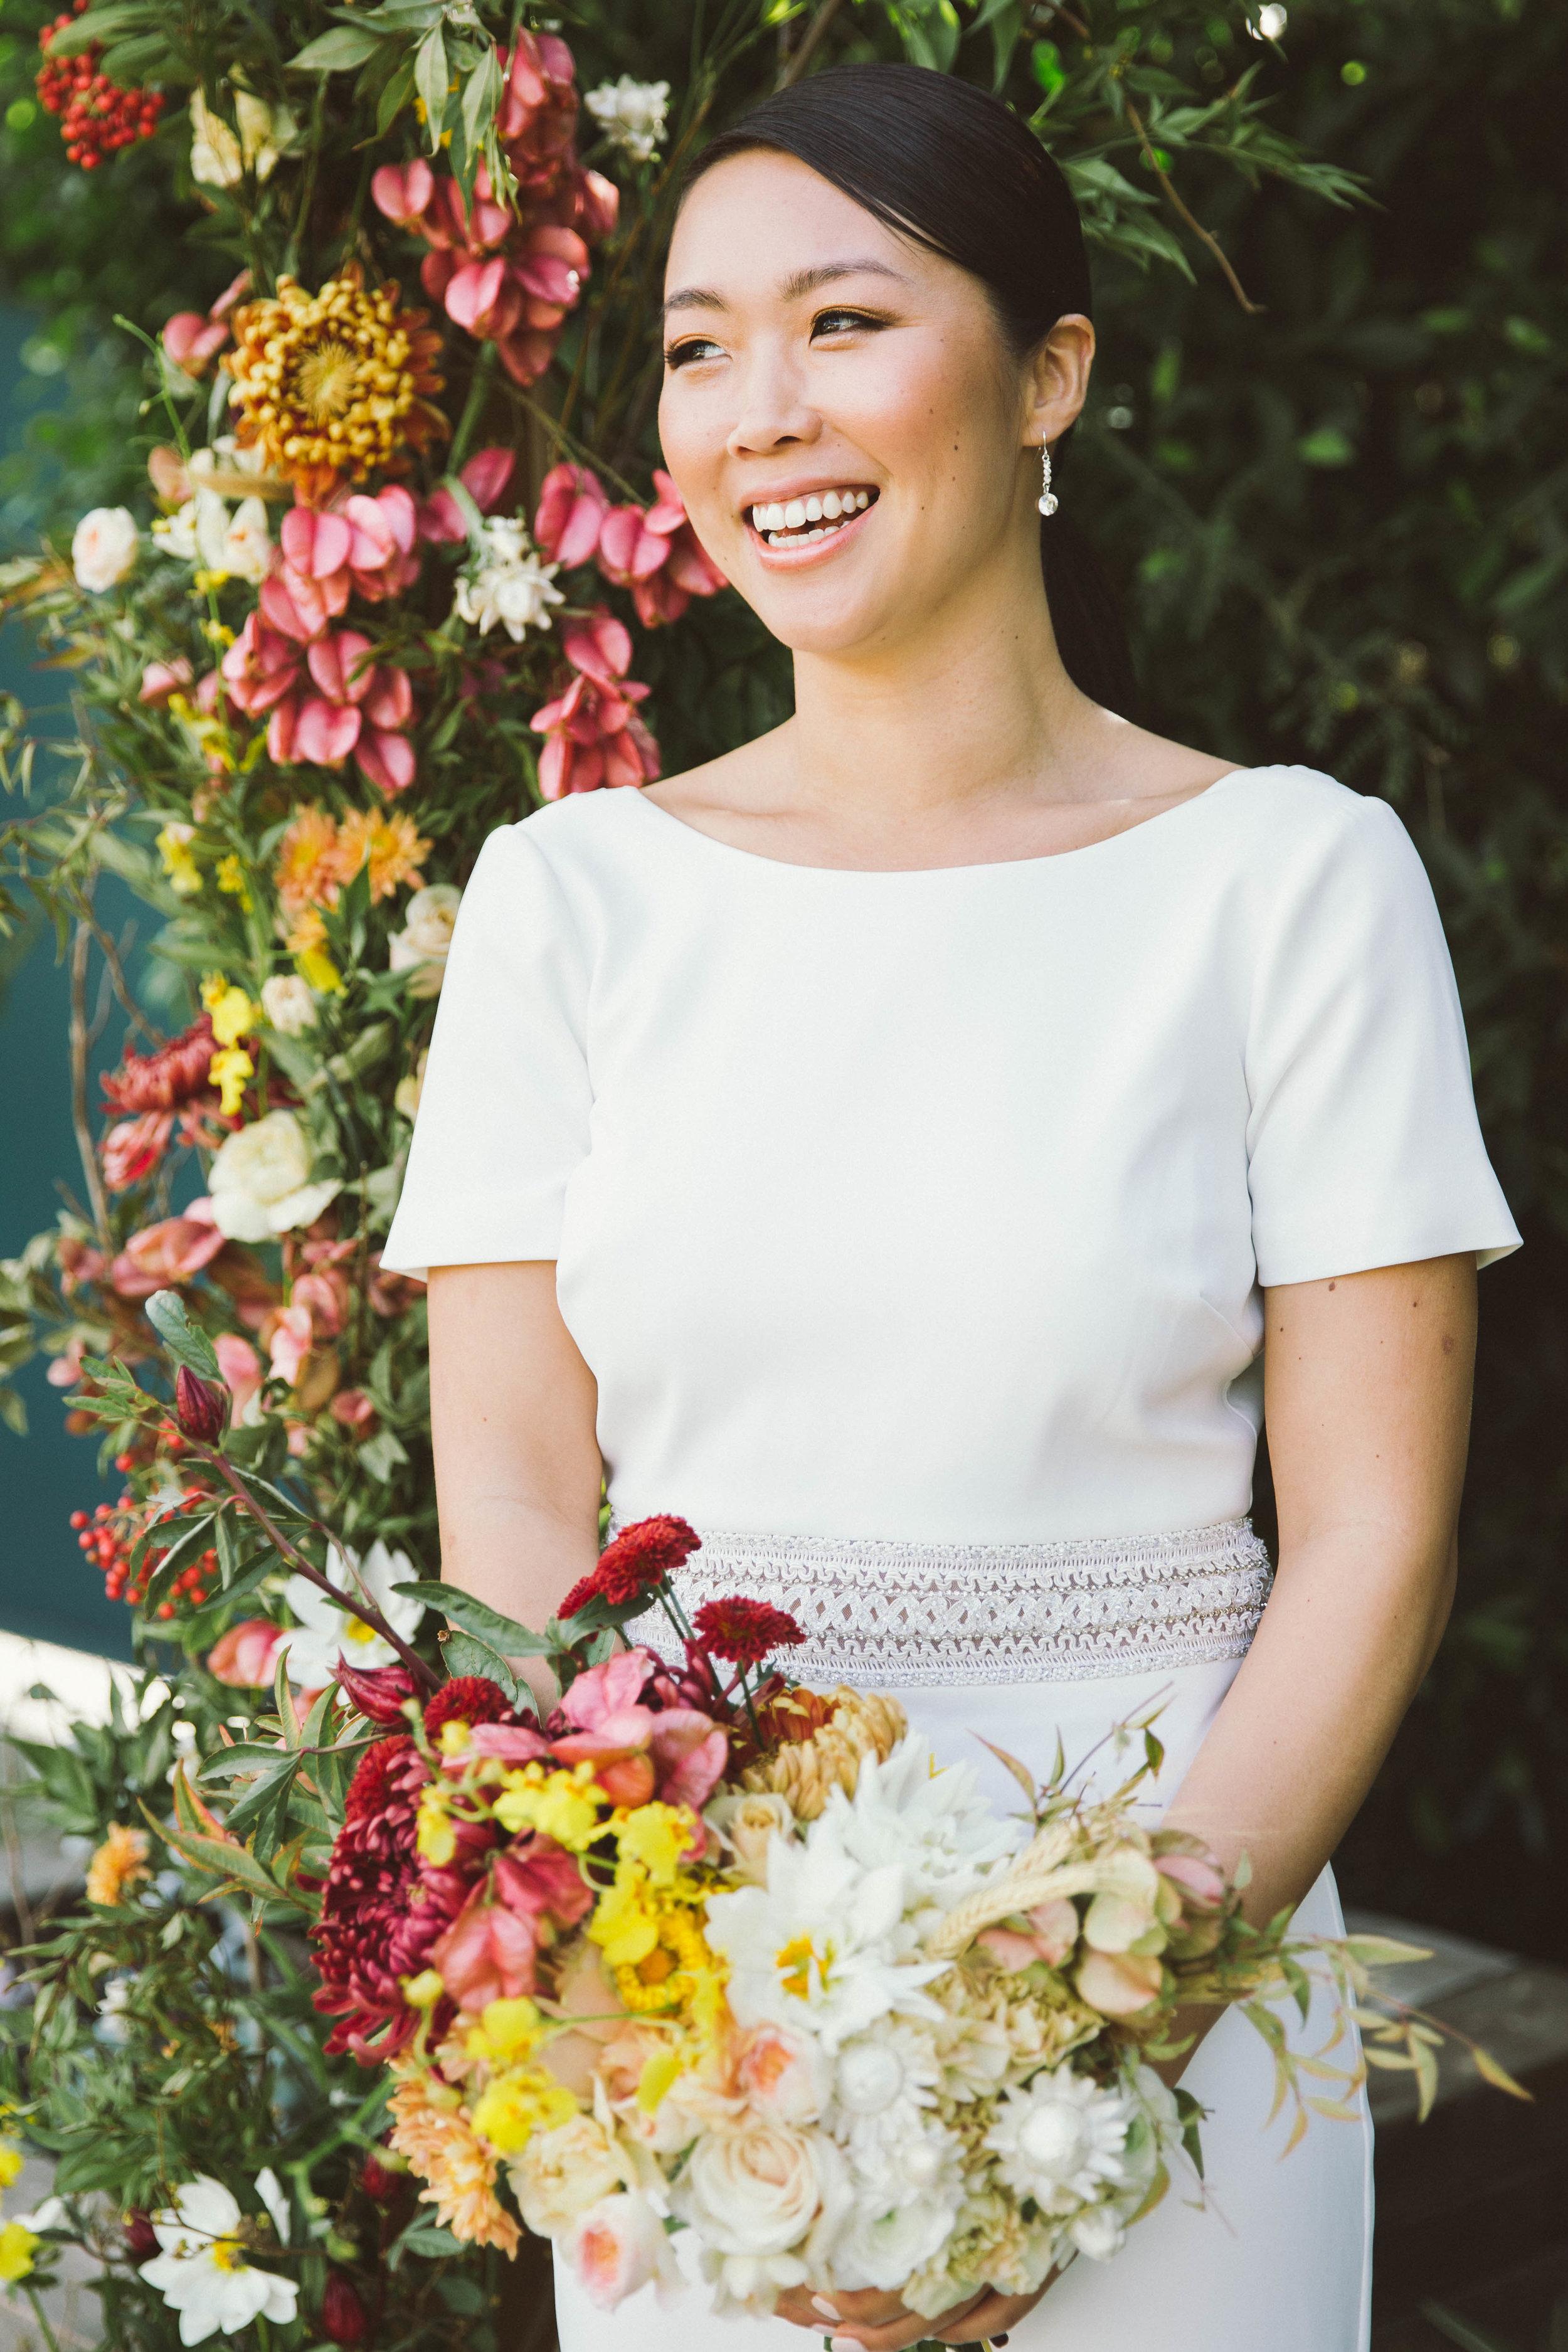 Bold_Florals_Iowa_Centerpiece_Bride_Bouquet.jpg